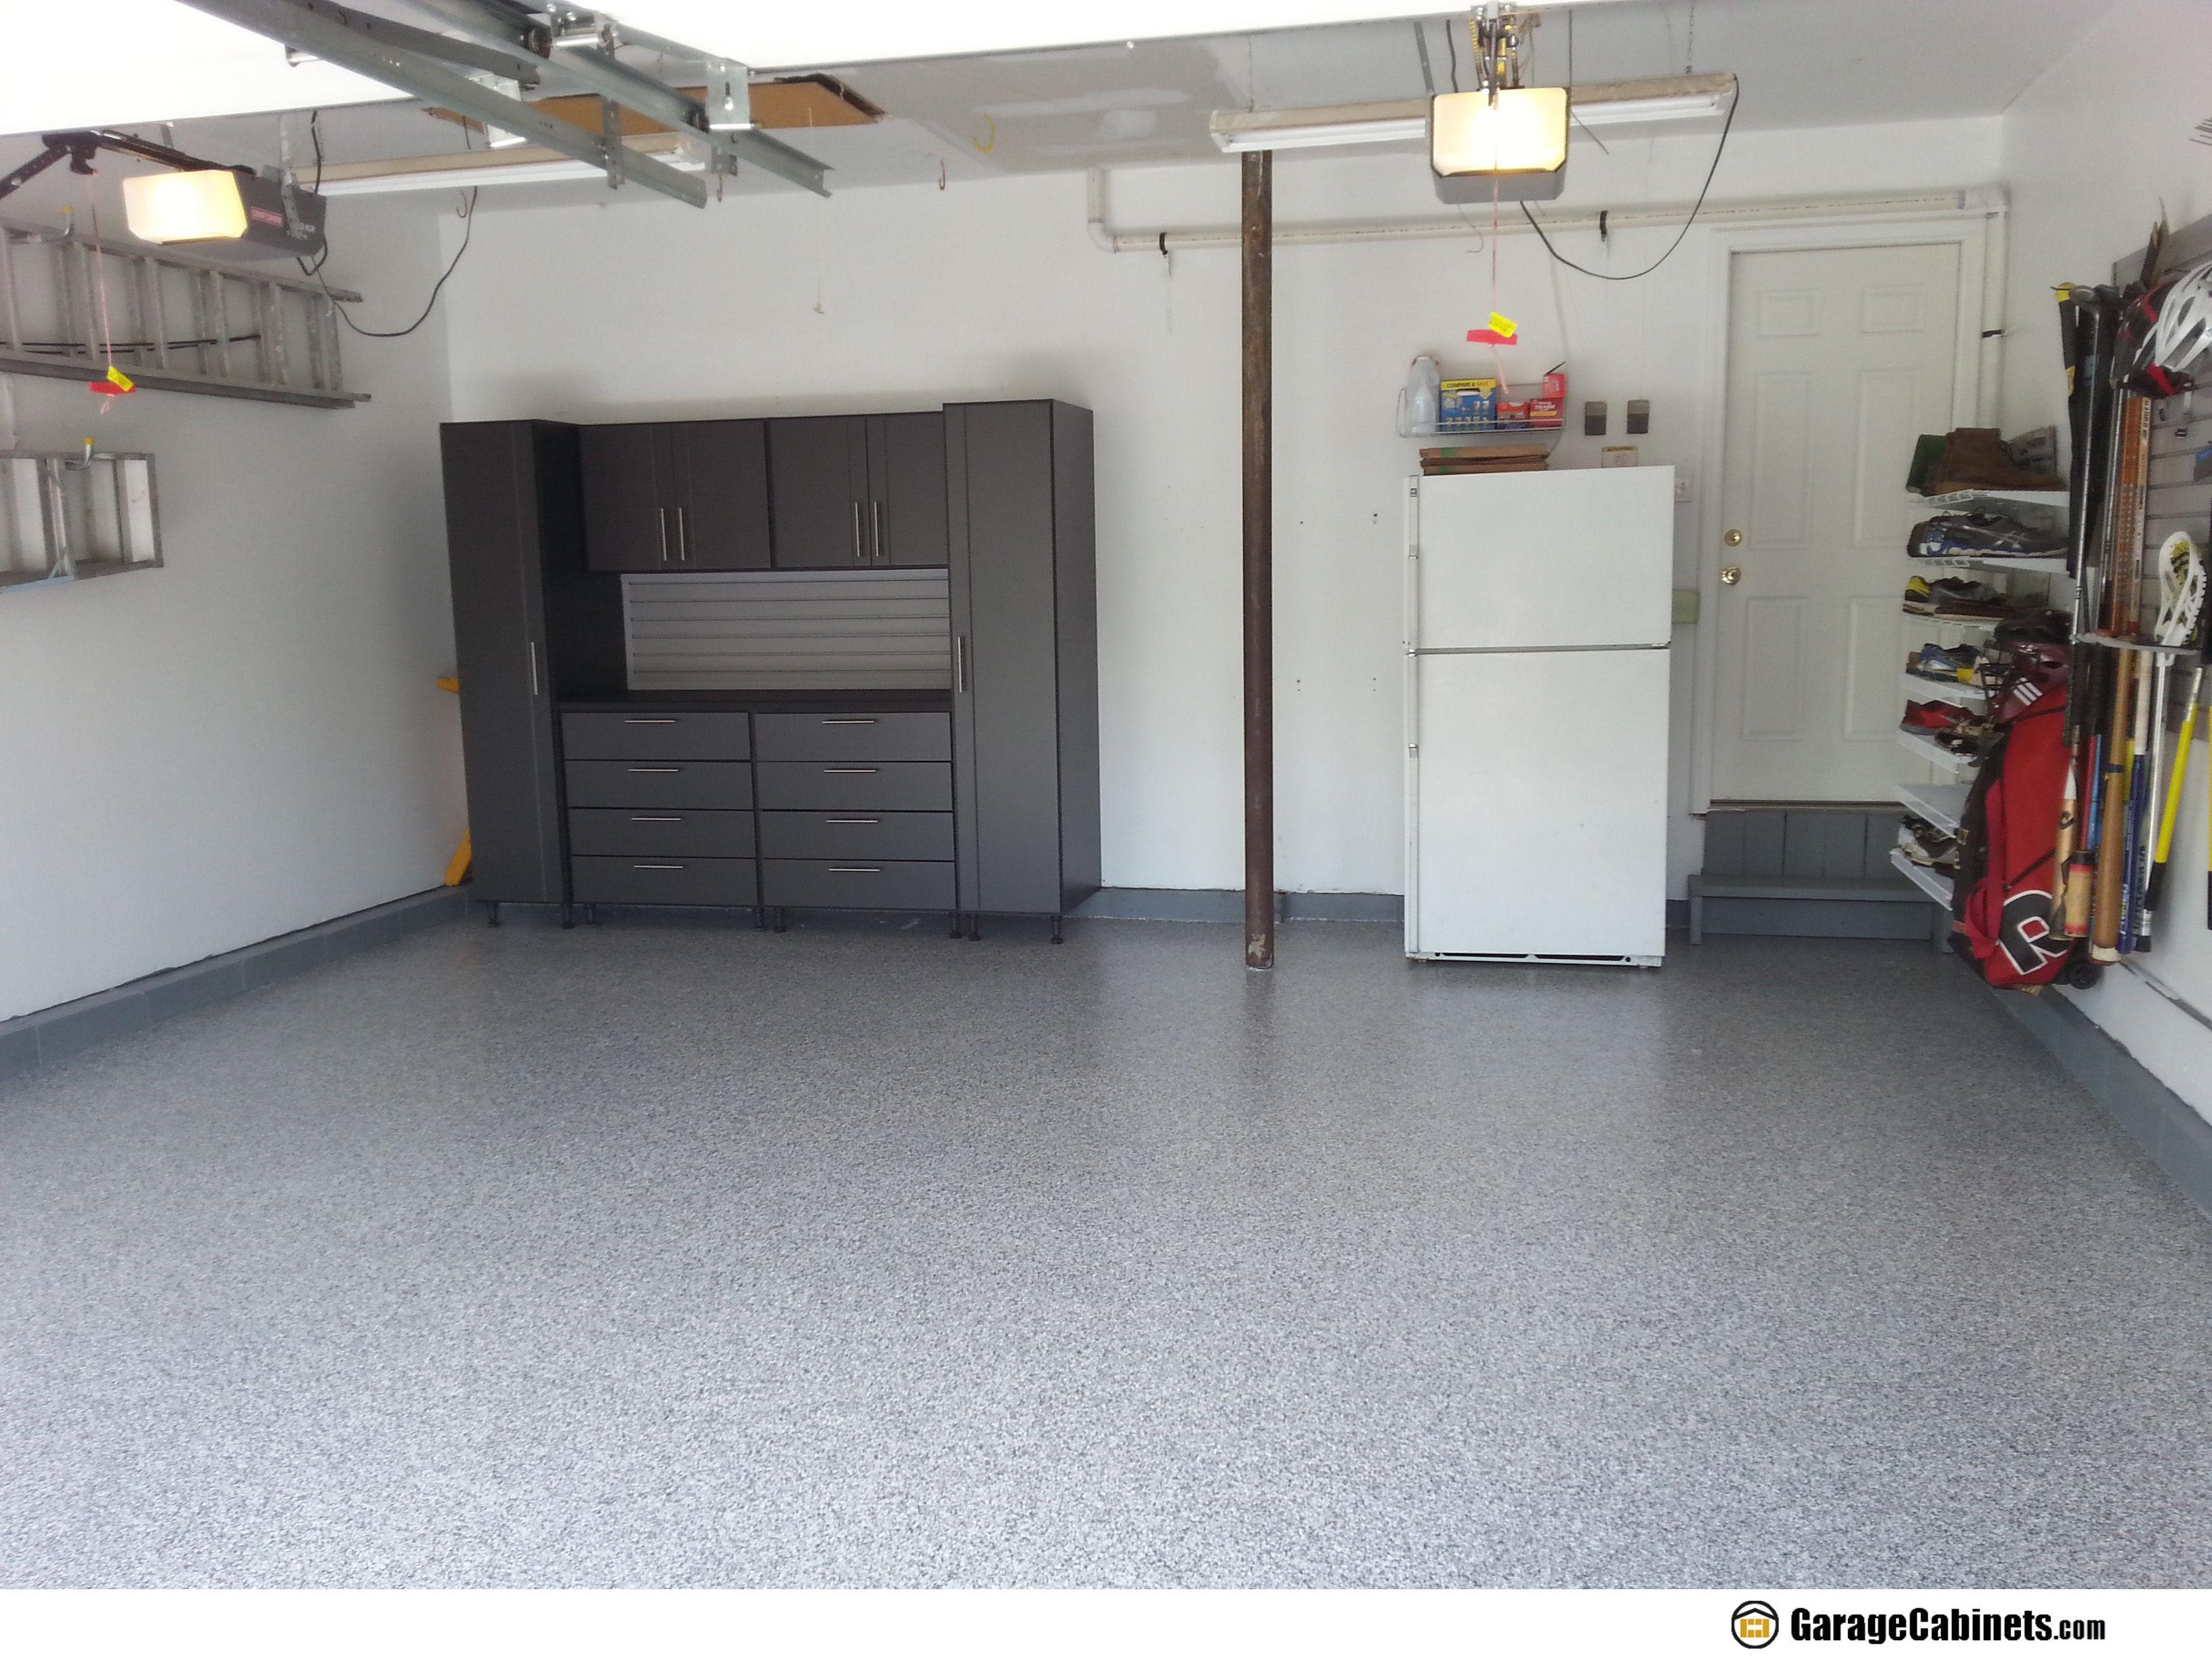 Garagecabinets Com Manufactures The Finest Garage Storage That